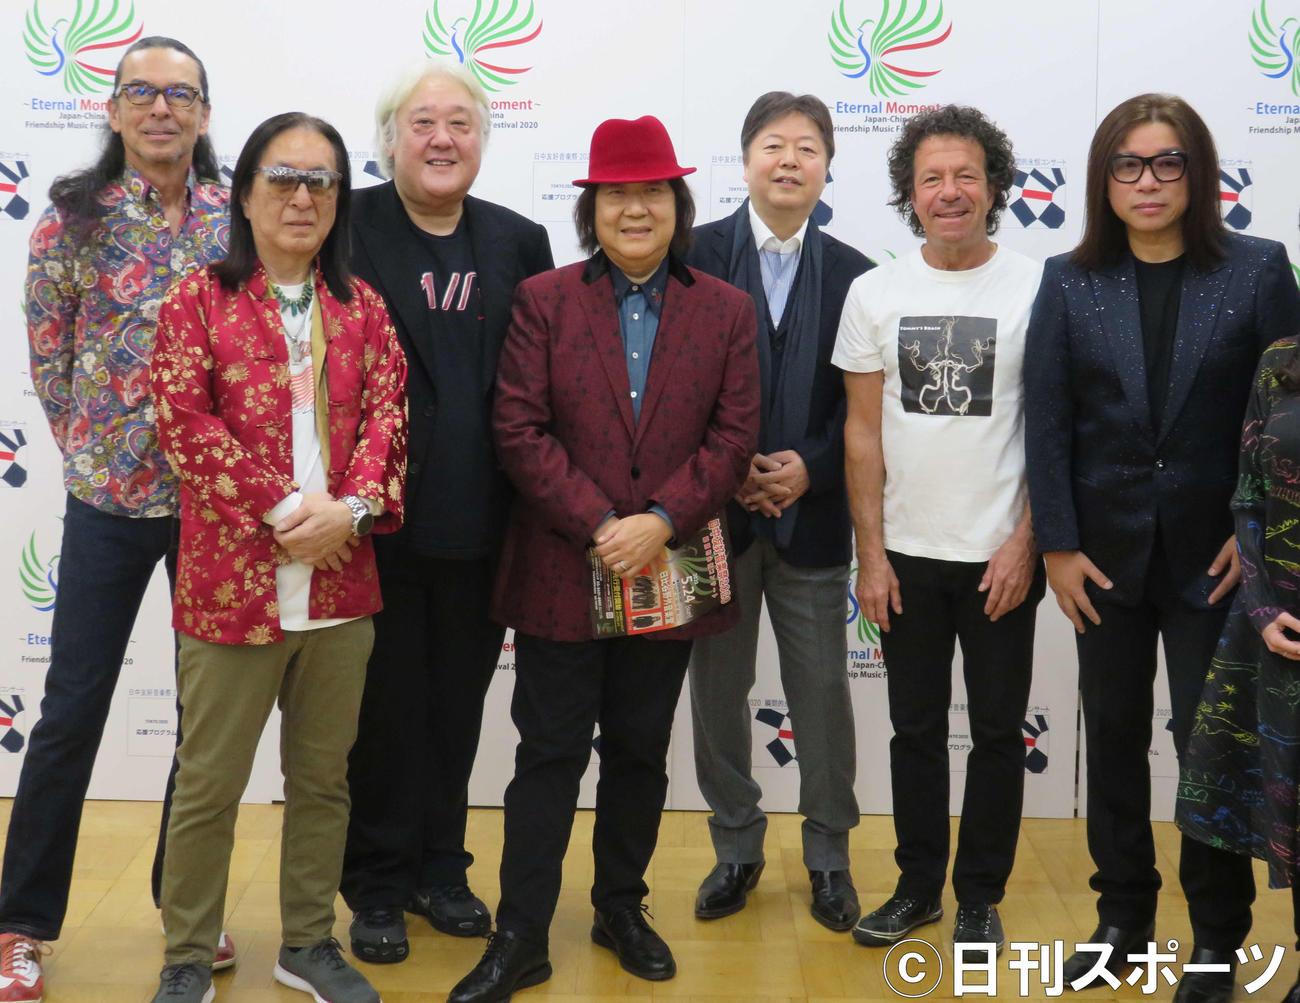 ゴダイゴの、左からスティーブ・フォックス、浅野孝已さん、吉沢洋治、ミッキー吉野、タケカワユキヒデ、トミー・スナイダーと郭峰(2019年11月)